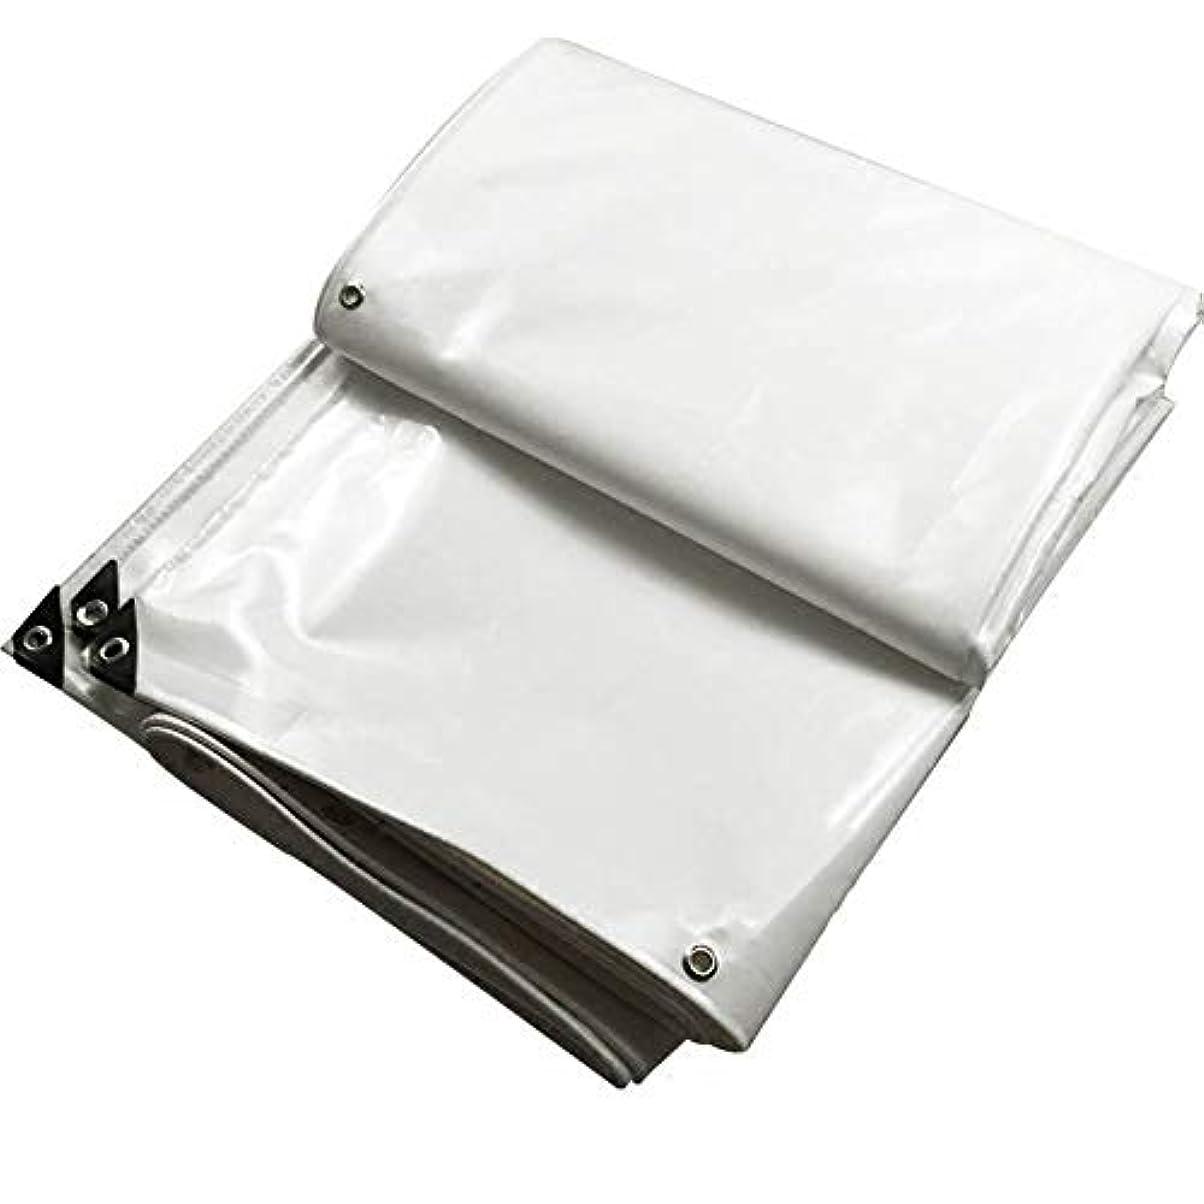 予報輸送十分ZHANWEI ターポリンタープ ヘビーデューティー 厚くする 防水 日焼け止め PVC - 白、 600g /㎡、 カスタマイズ可能なサイズ (色 : 白, サイズ さいず : 1.5x2m)